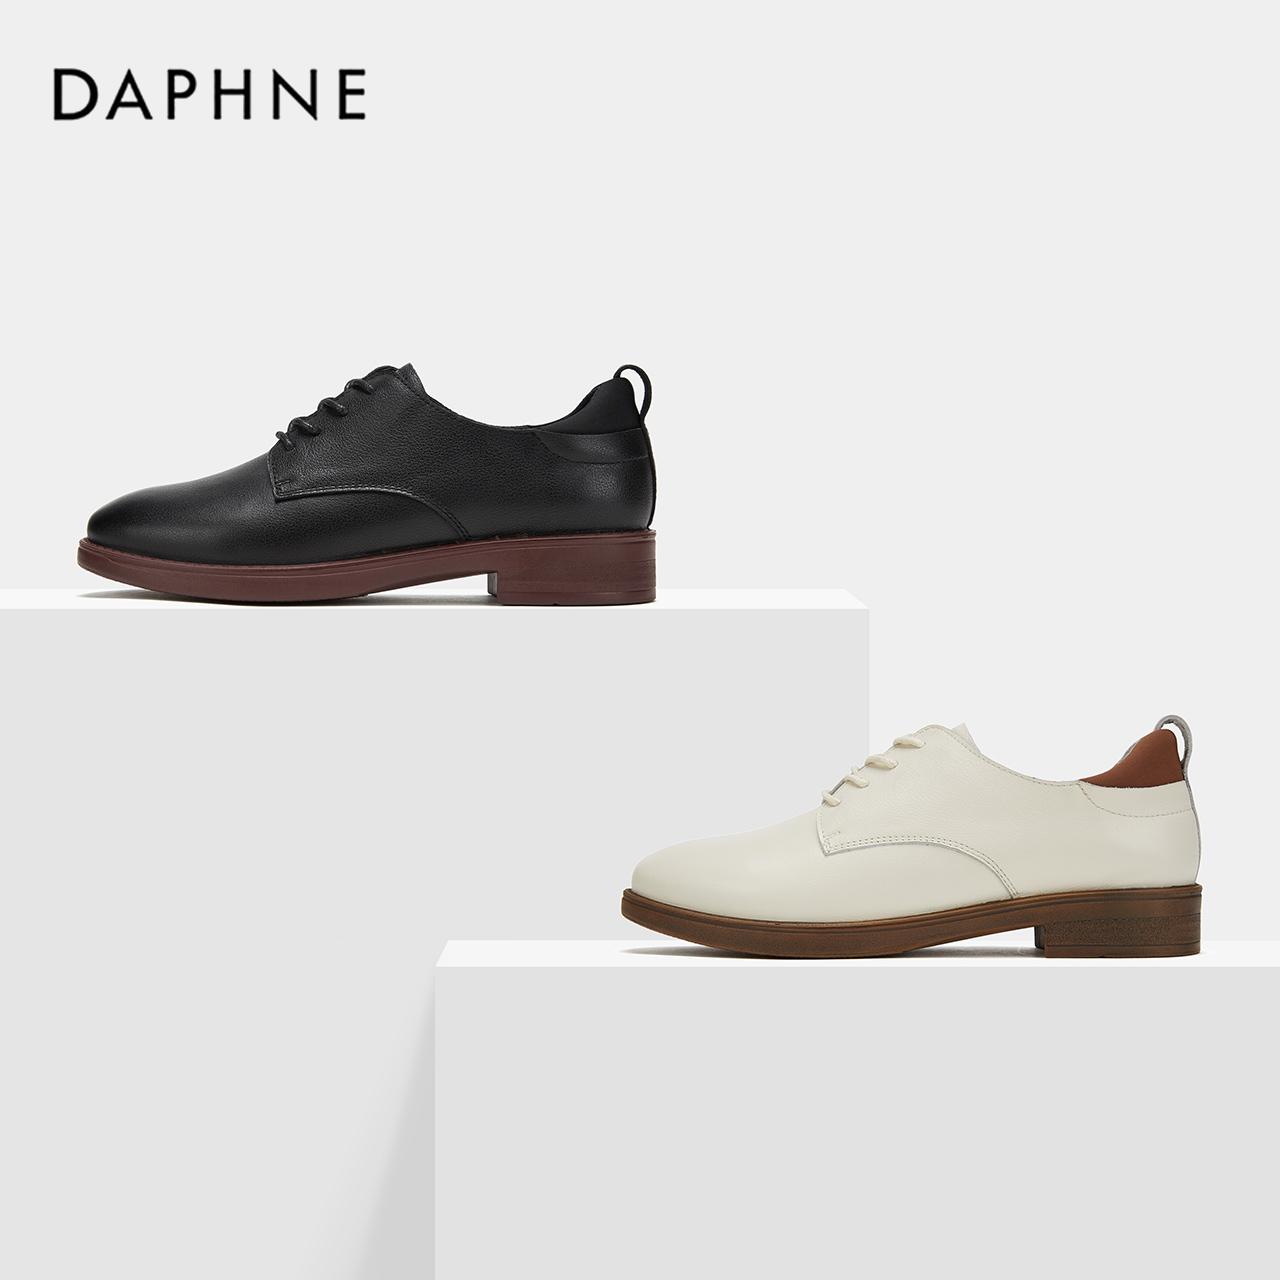 秋头层牛皮经典英伦风牛津鞋系带小圆头休闲鞋 2019 达芙妮 Daphne